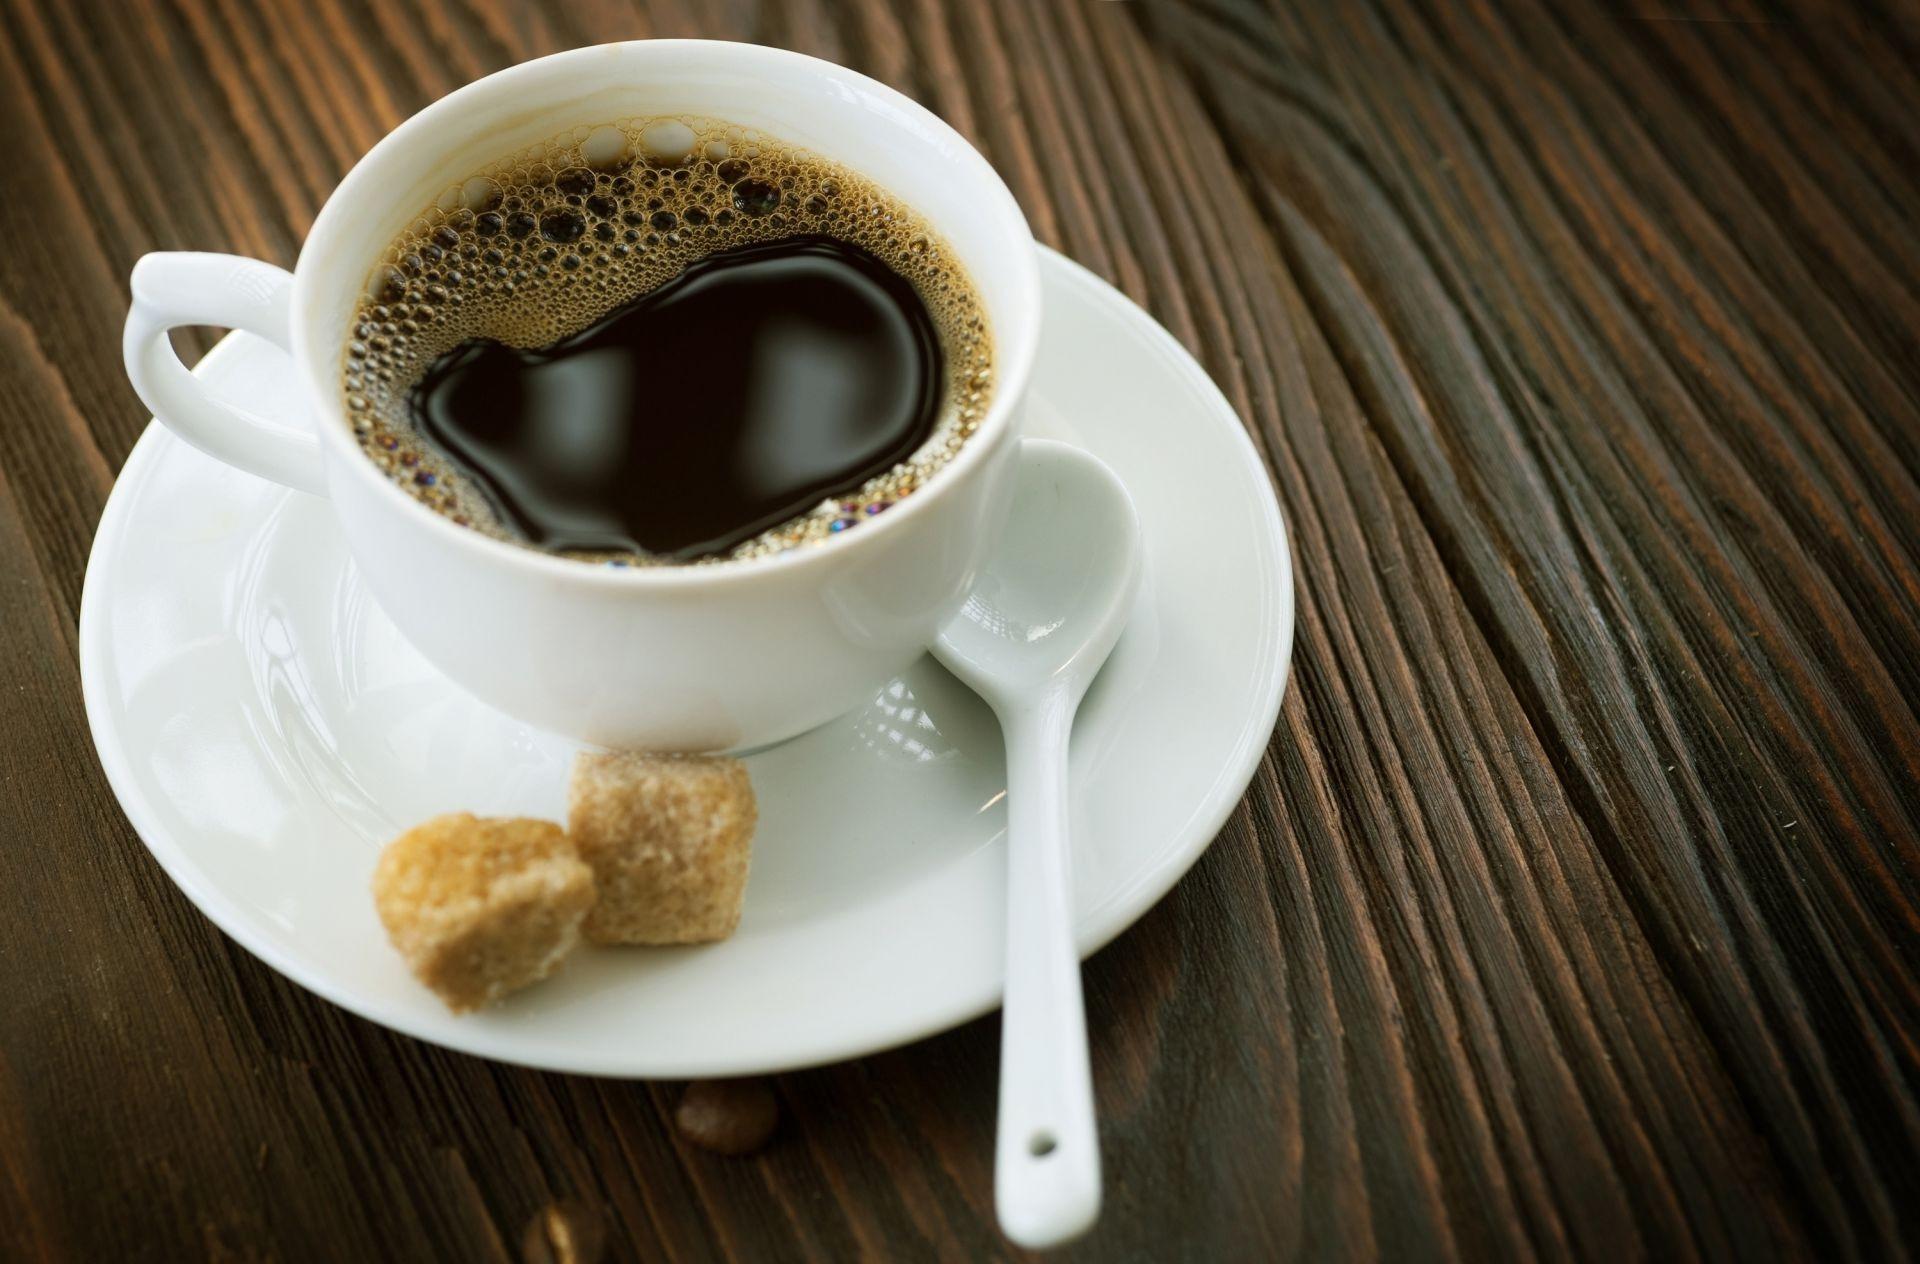 картинки про кофе на столе для занавесок, подобранная